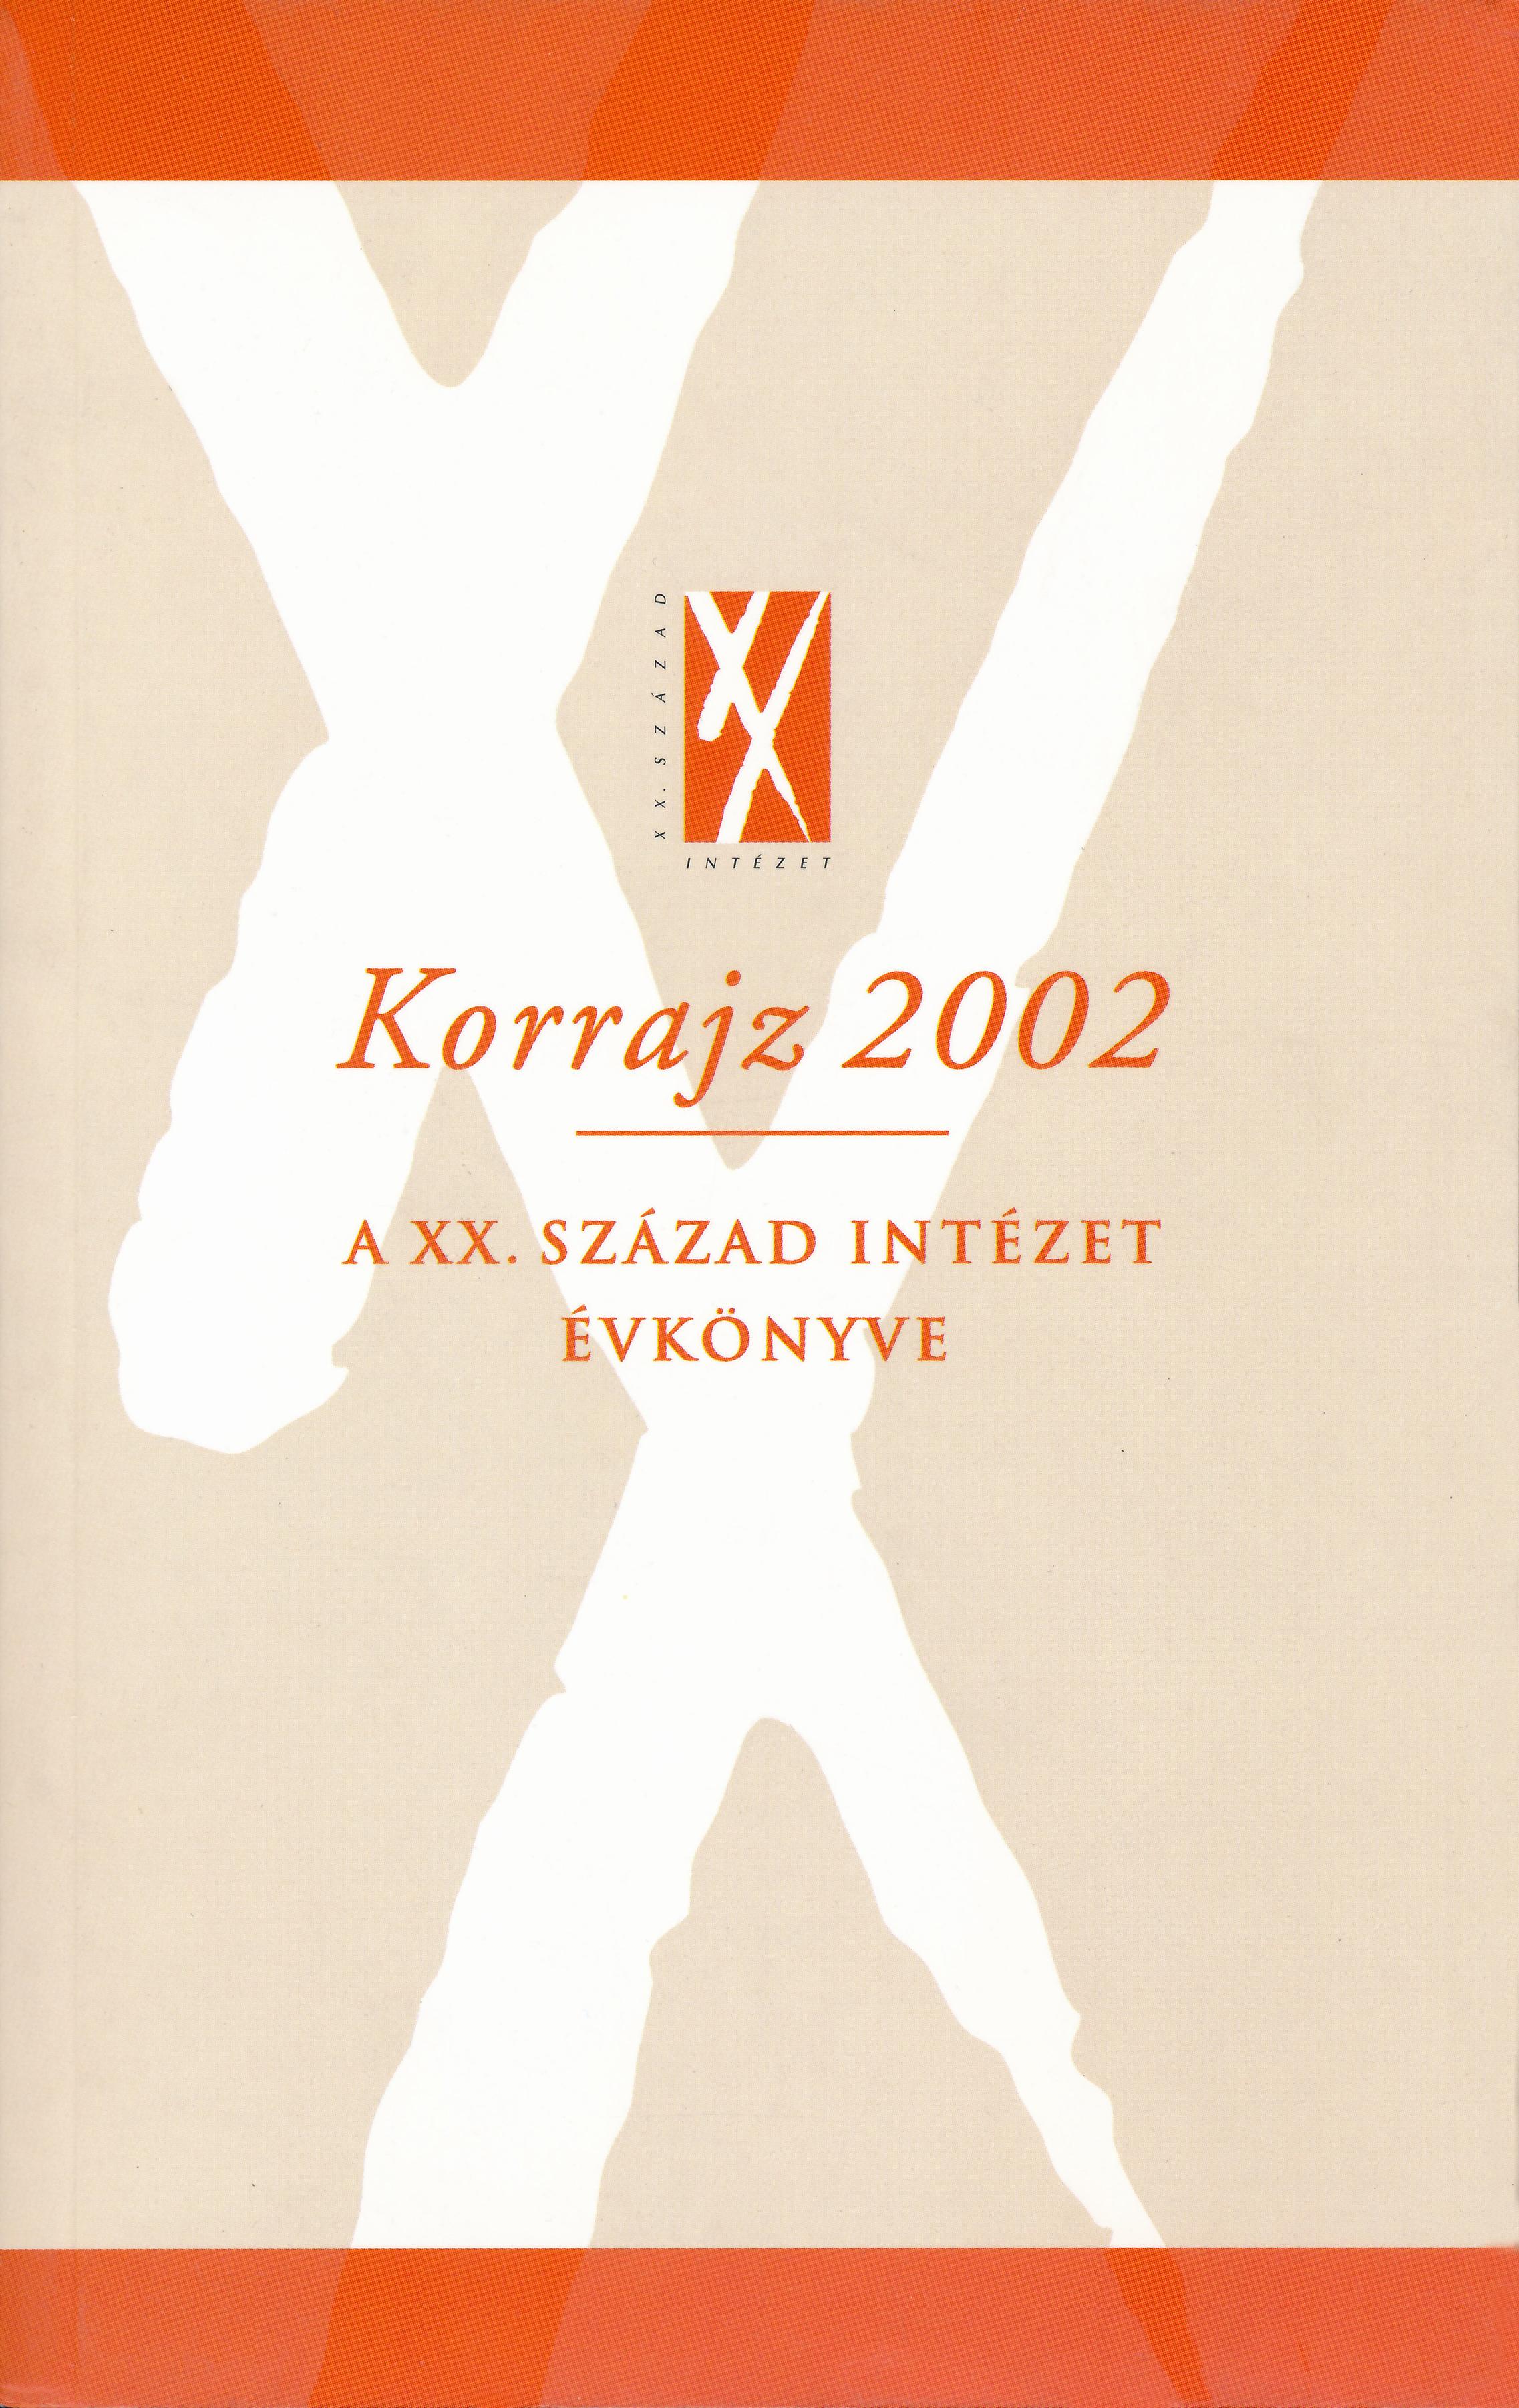 Korrajz 2002 – A XX. Század Intézetének évkönyve